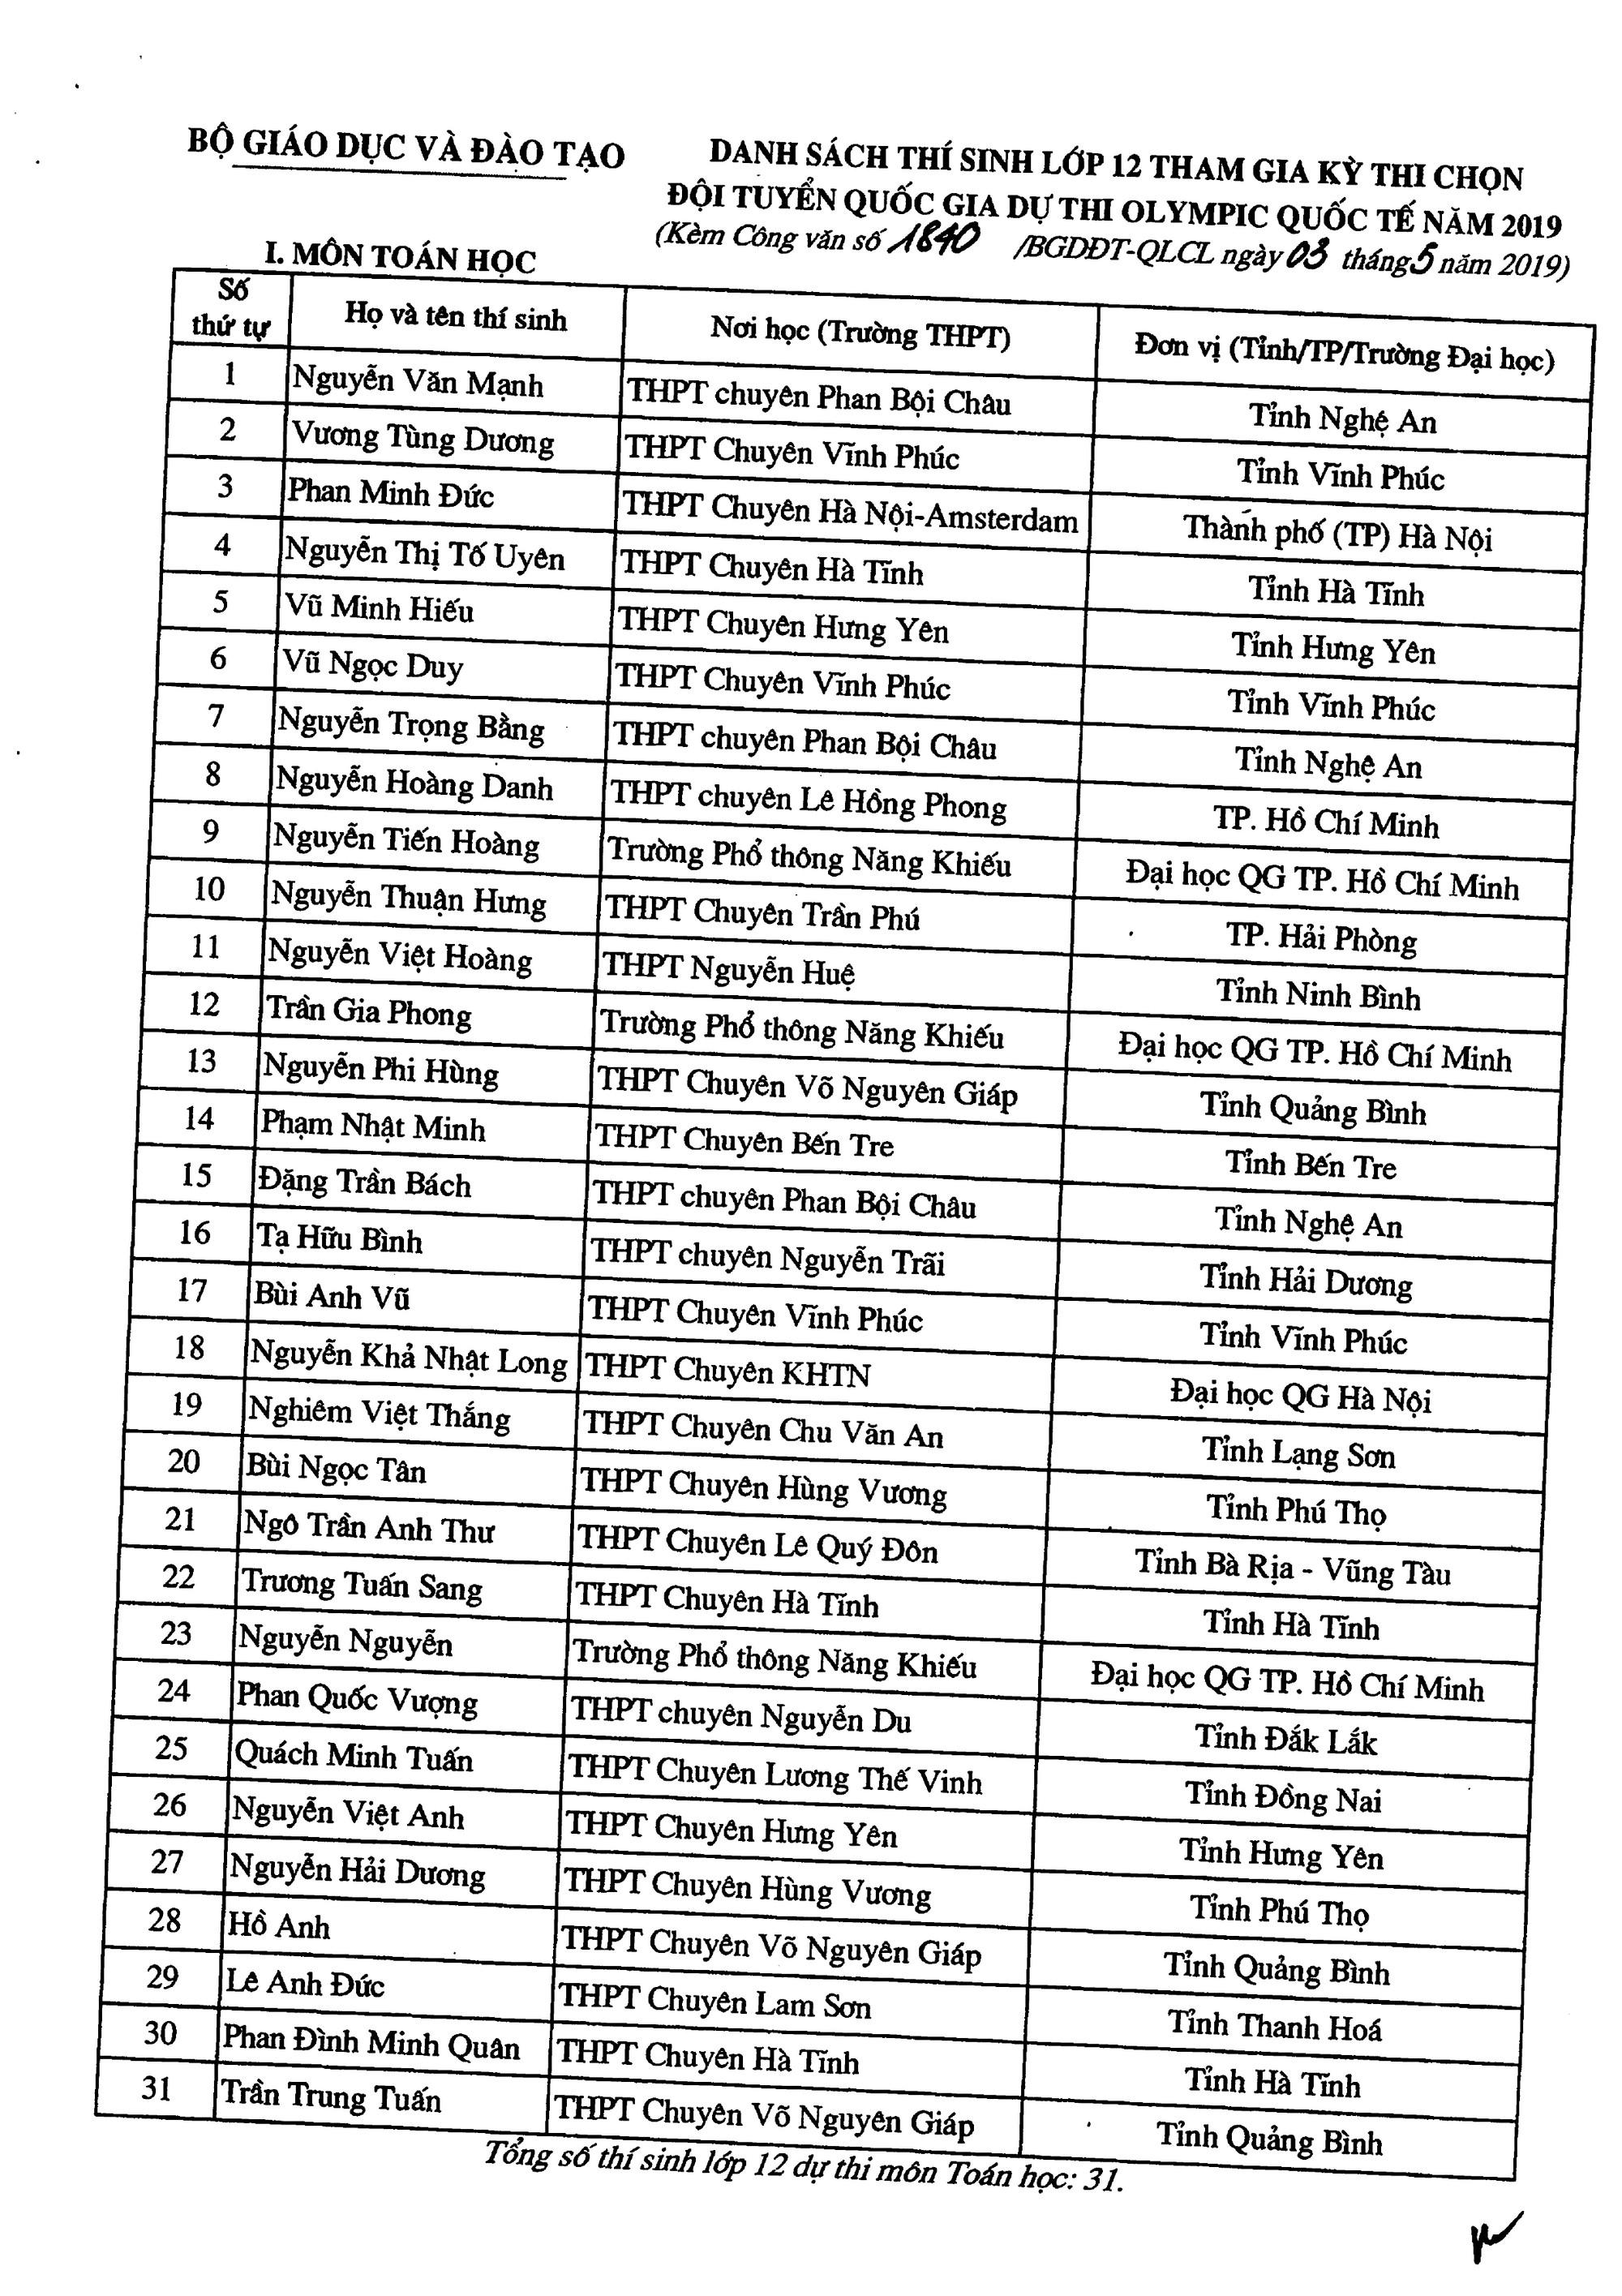 Danh sách 134 thí sinh được miễn thi THPT quốc gia và tuyển thẳng vào đại học năm 2019 - Ảnh 1.